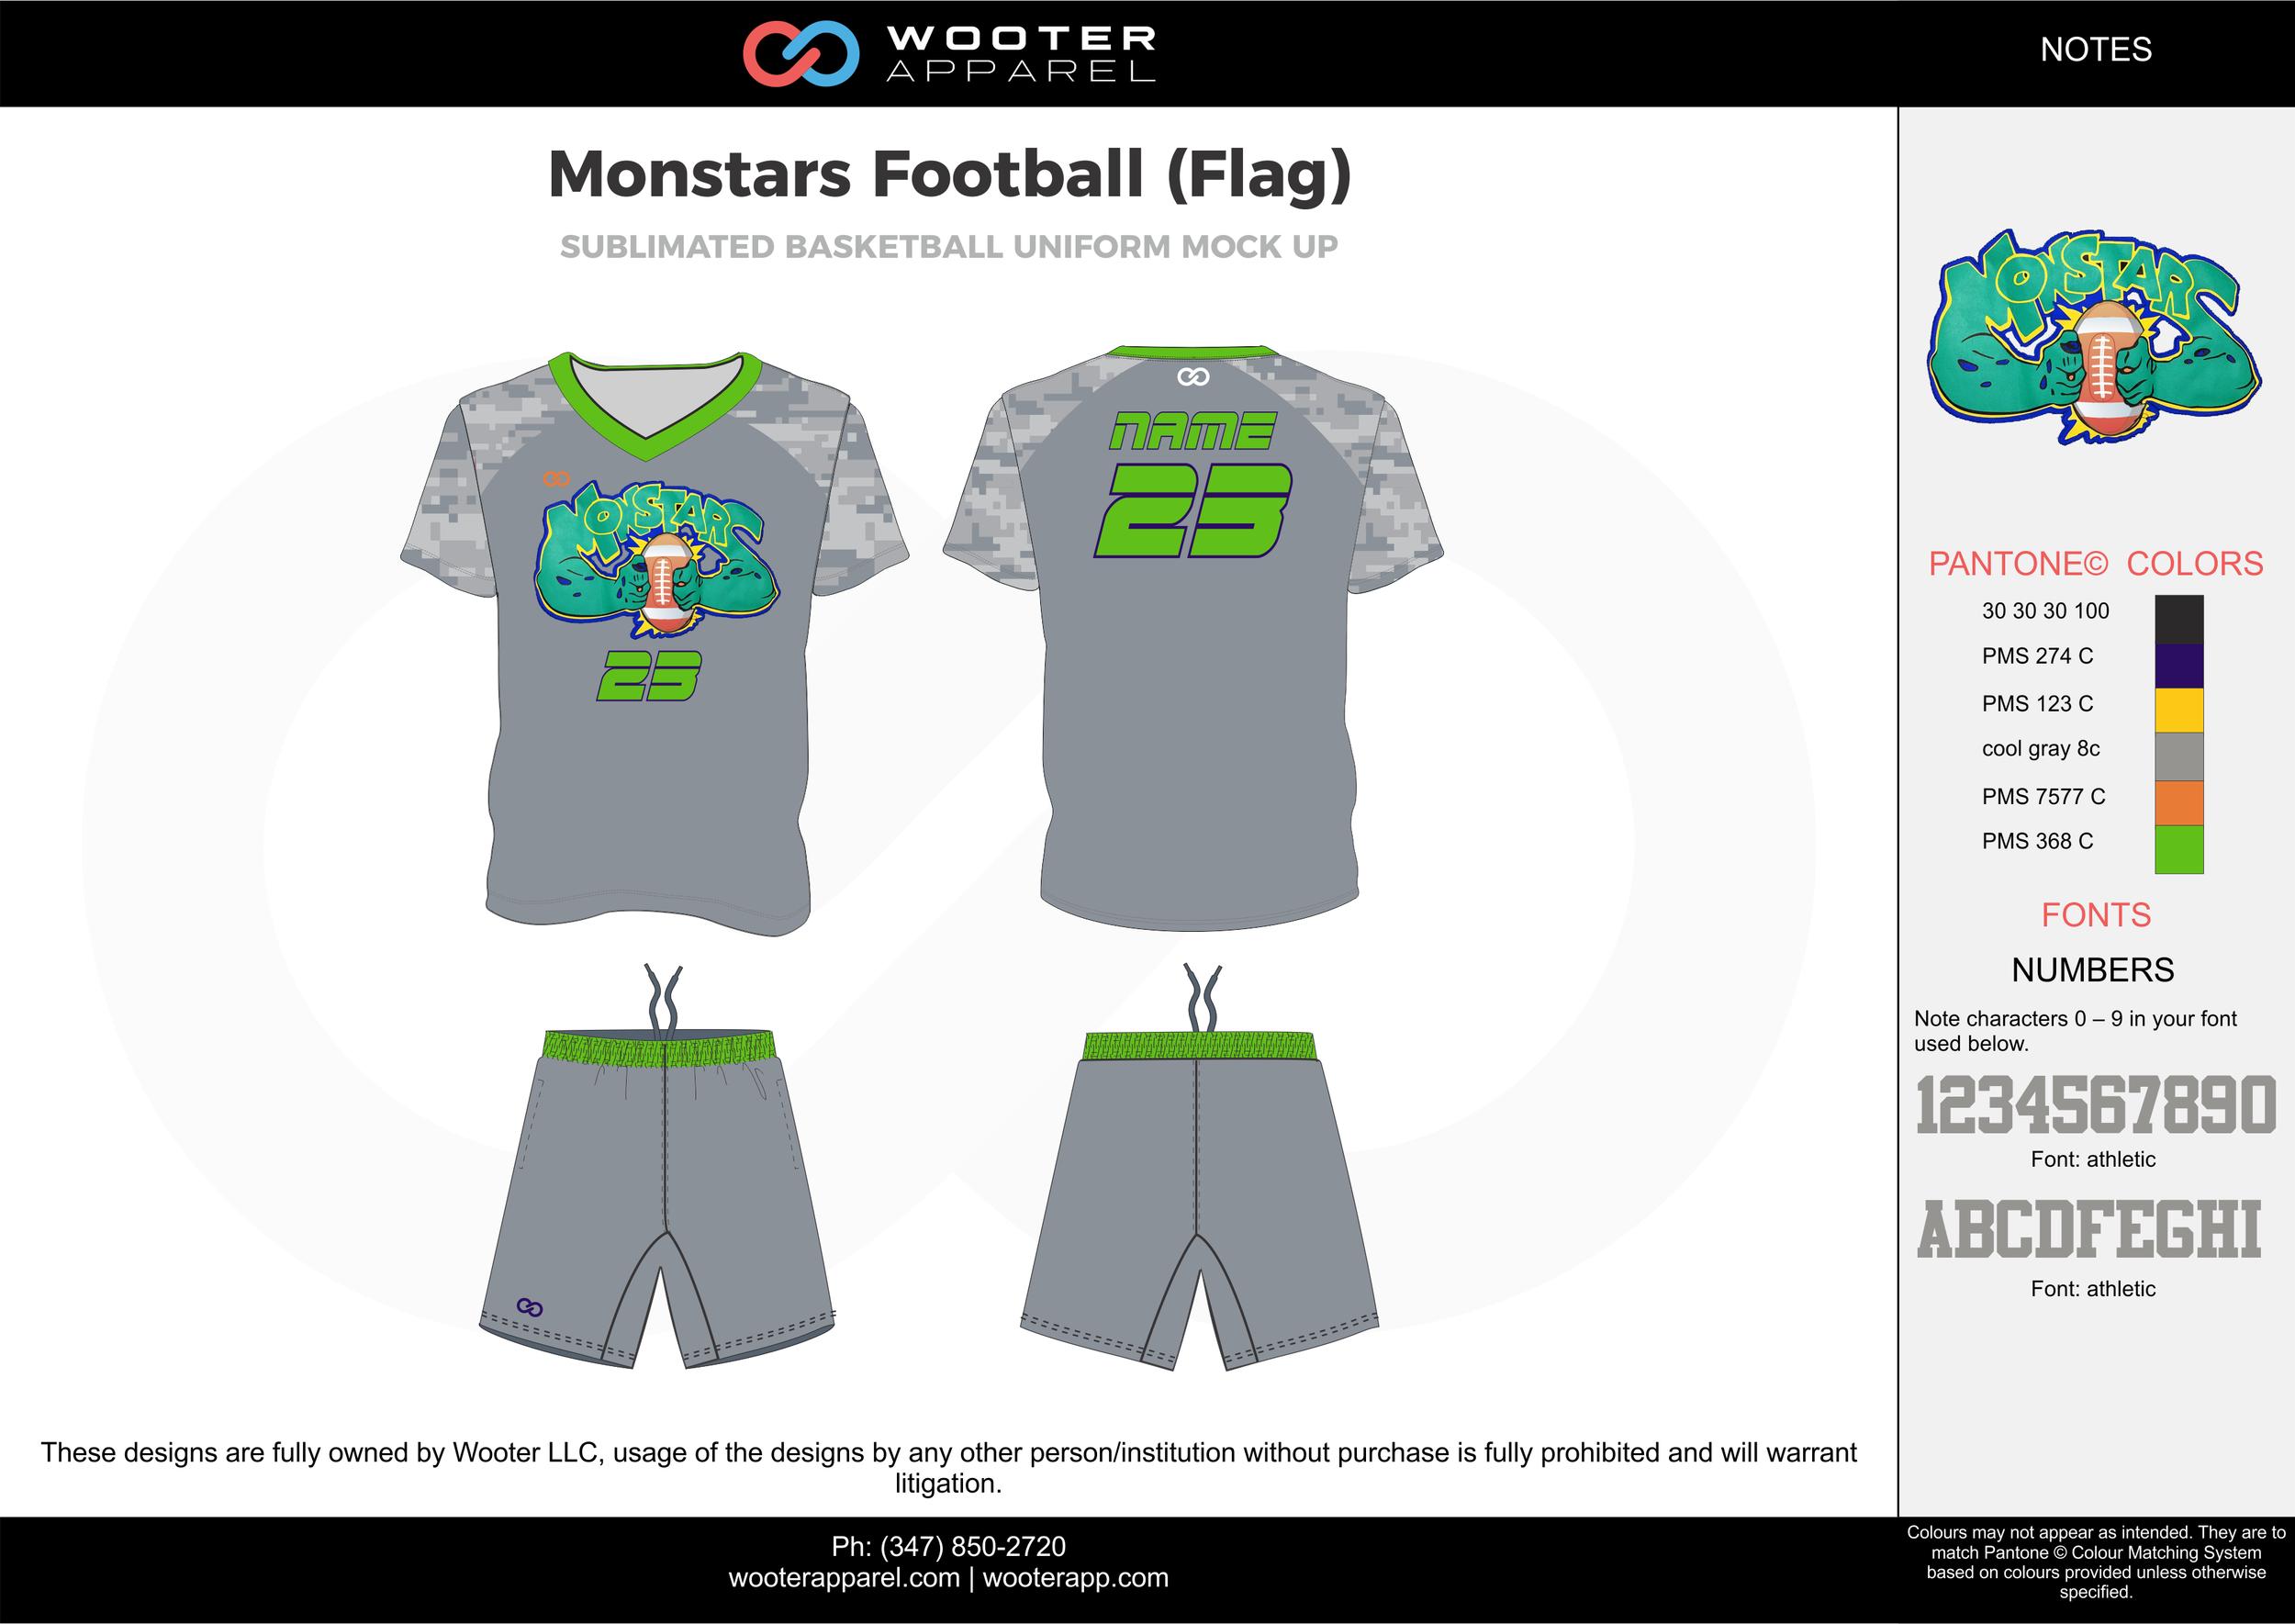 MONSTARS FOOTBALL (FLAG) gray green blue flag football uniforms jerseys shorts